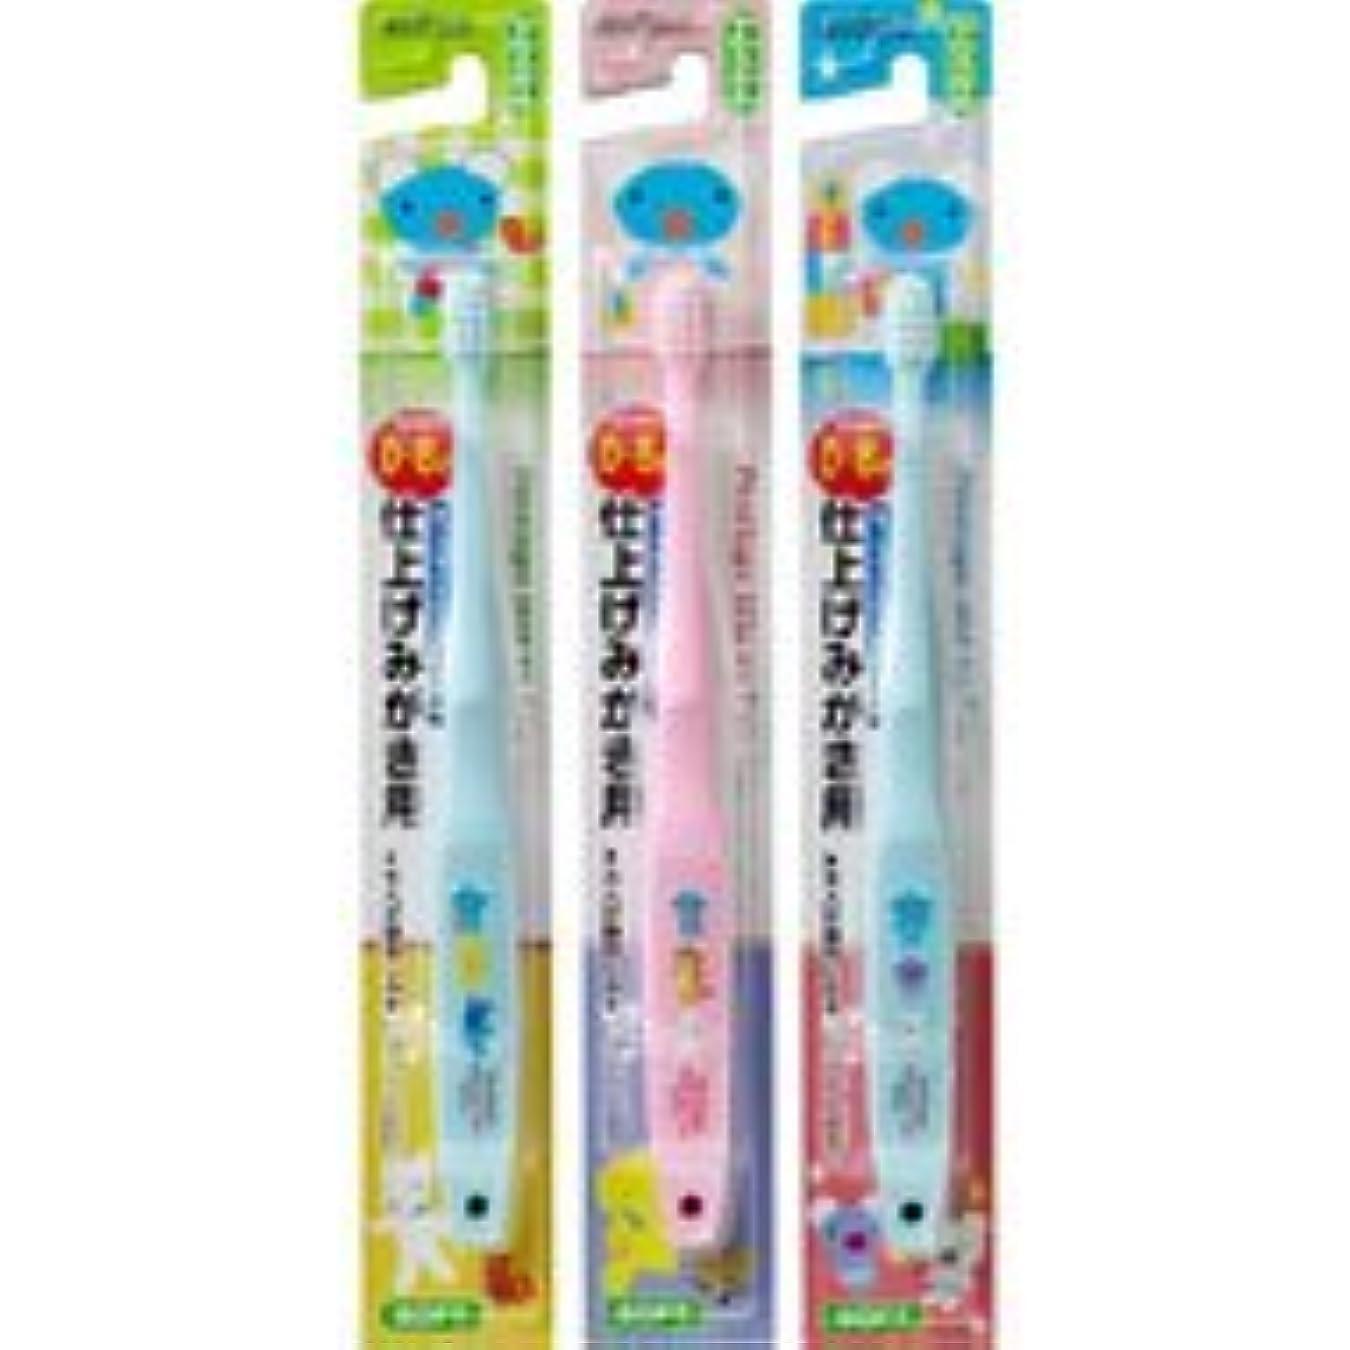 スリチンモイ霧深い絶滅したペネロペ仕上げ磨き用歯ブラシ 3本 ※種類は当店お任せとなります